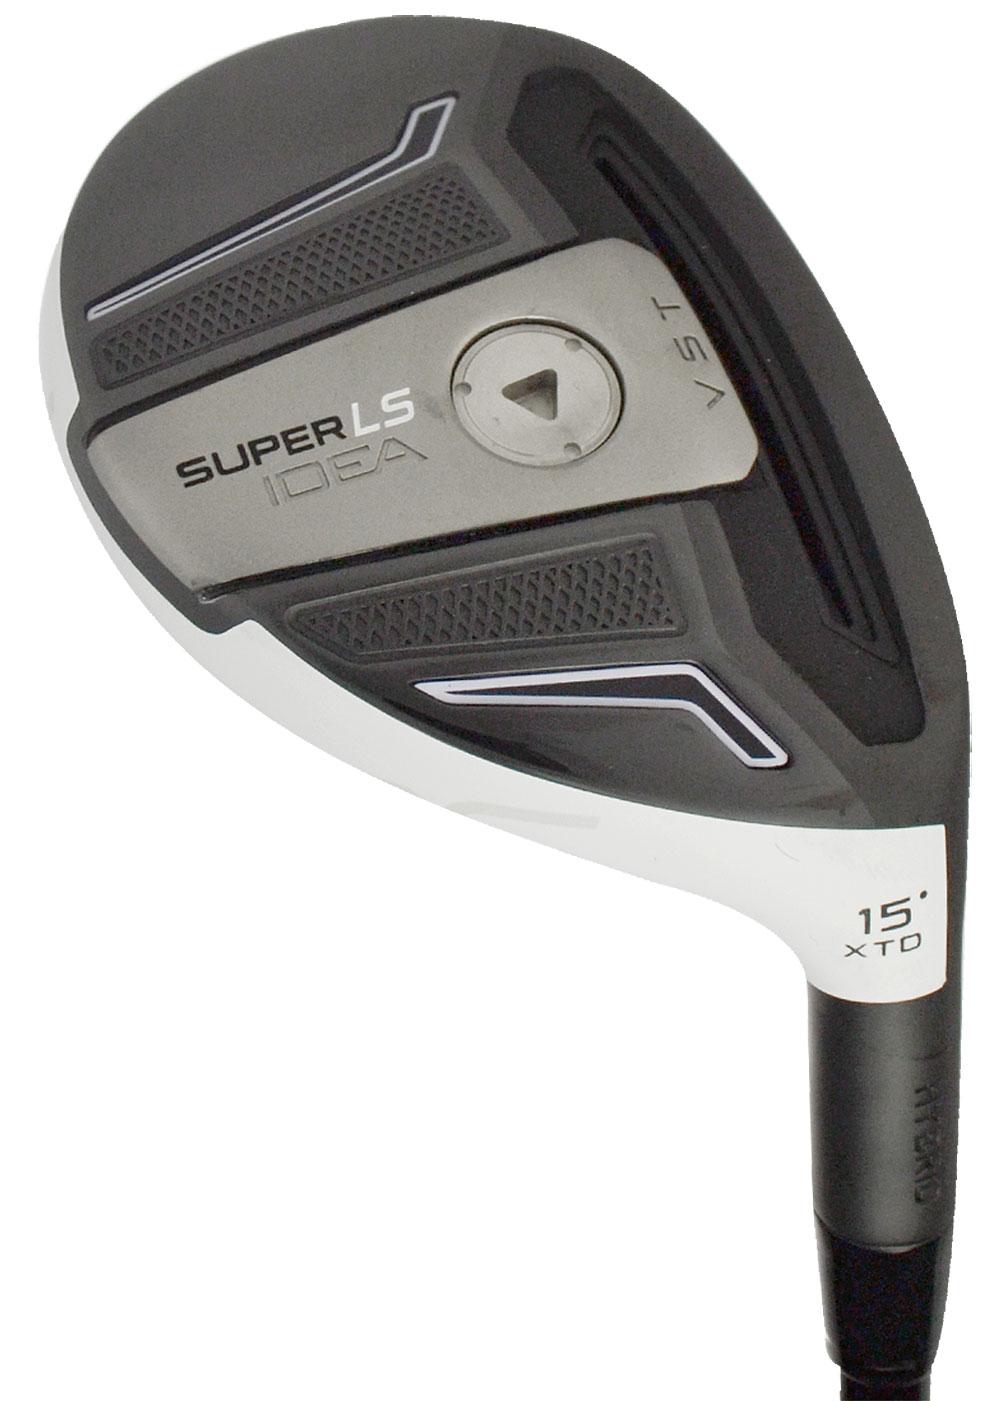 Adams Golf- LH Idea Super LS XTD Hybrid 19* #3 Stiff Flex